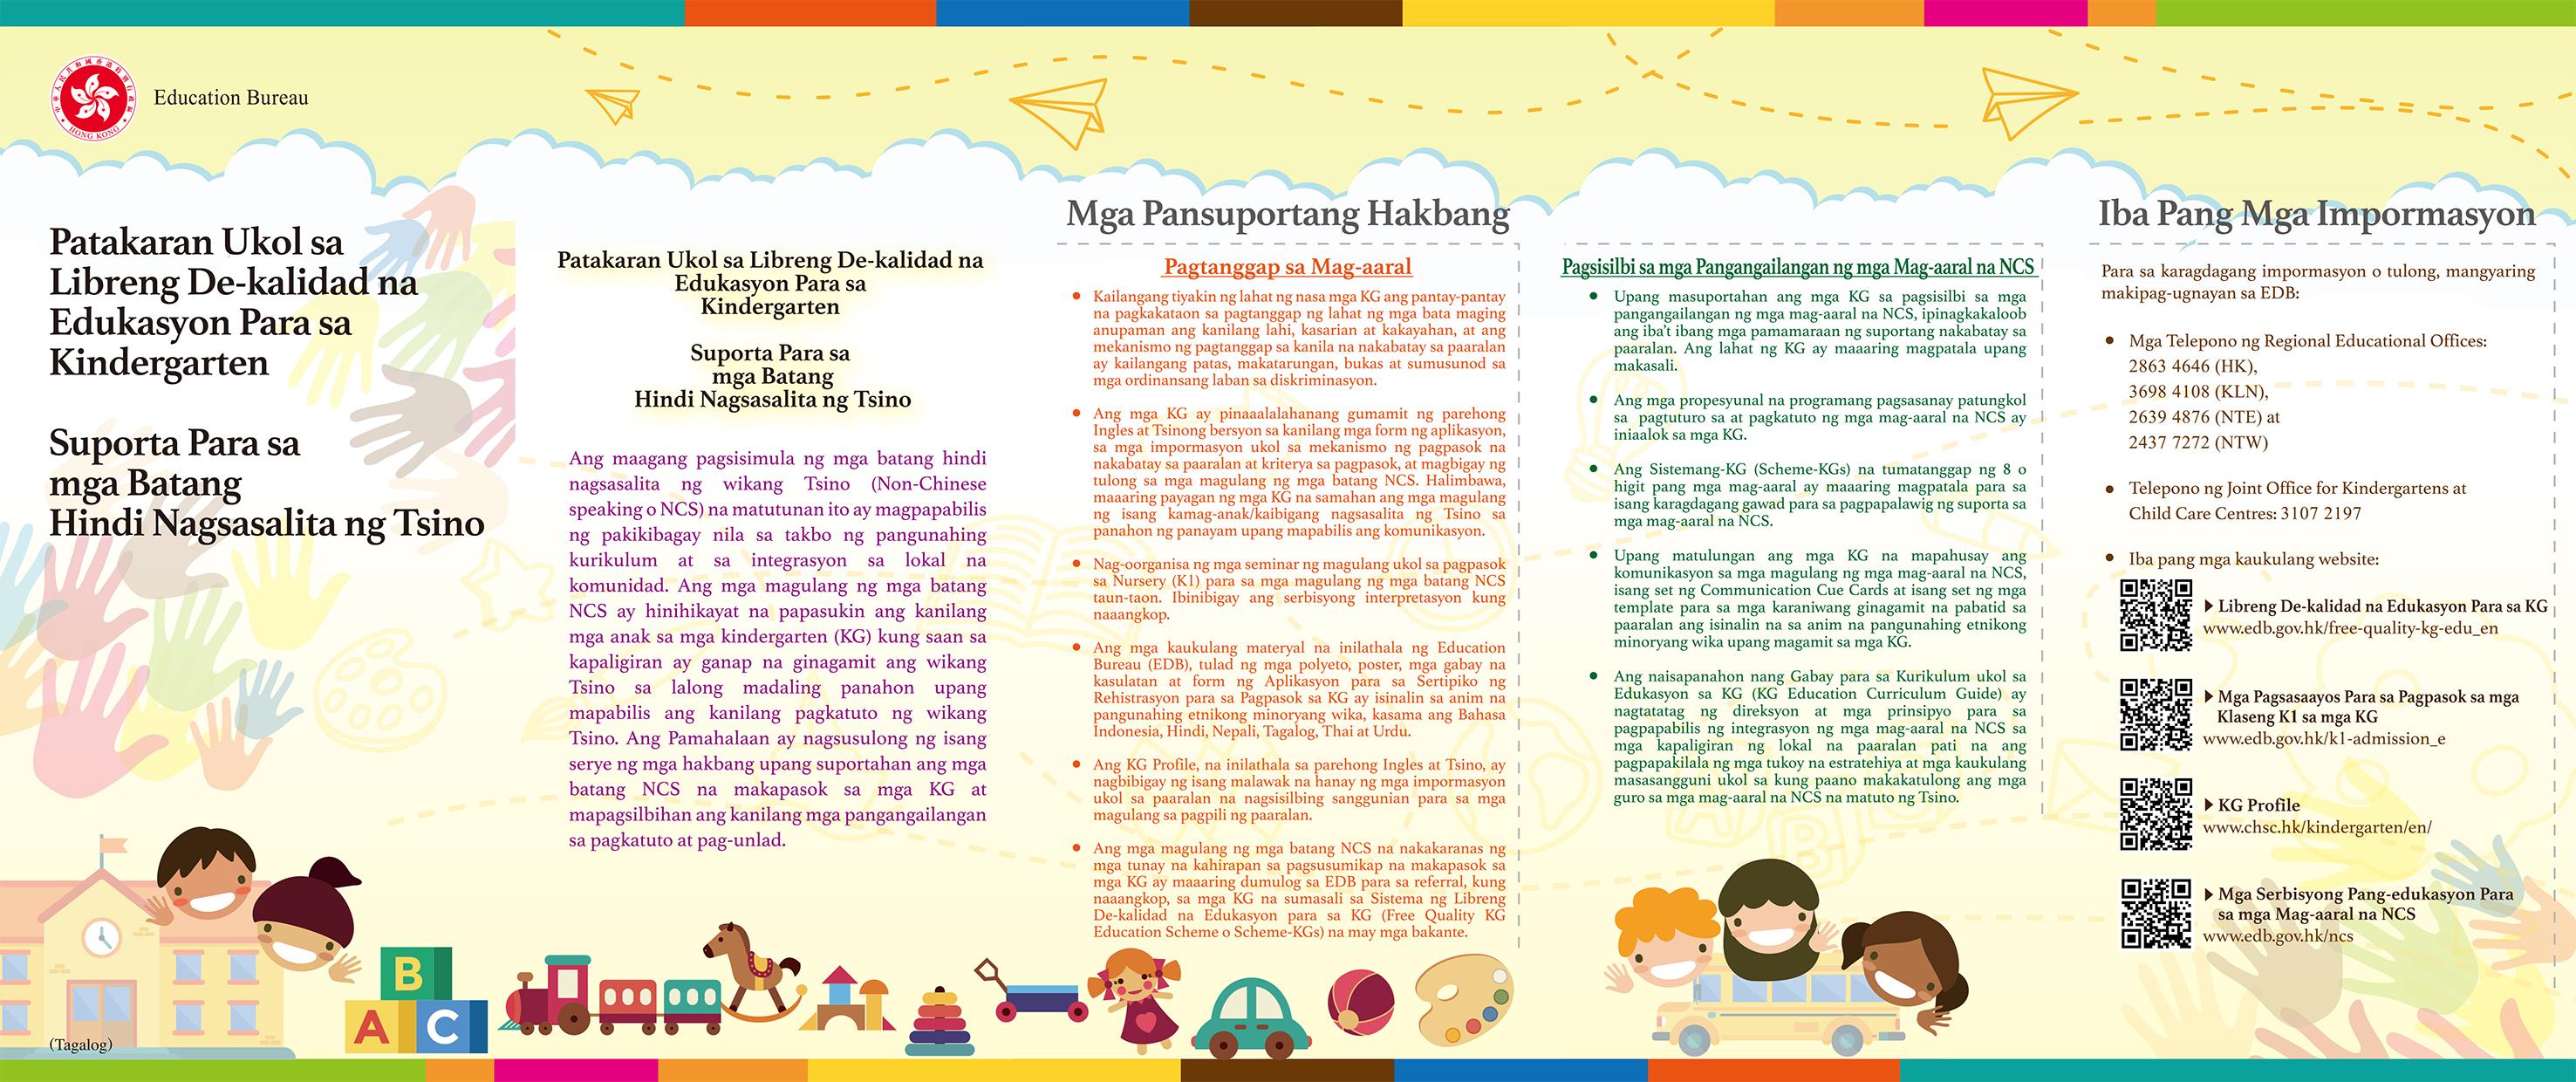 Parent Education Information at Kindergarten Stage